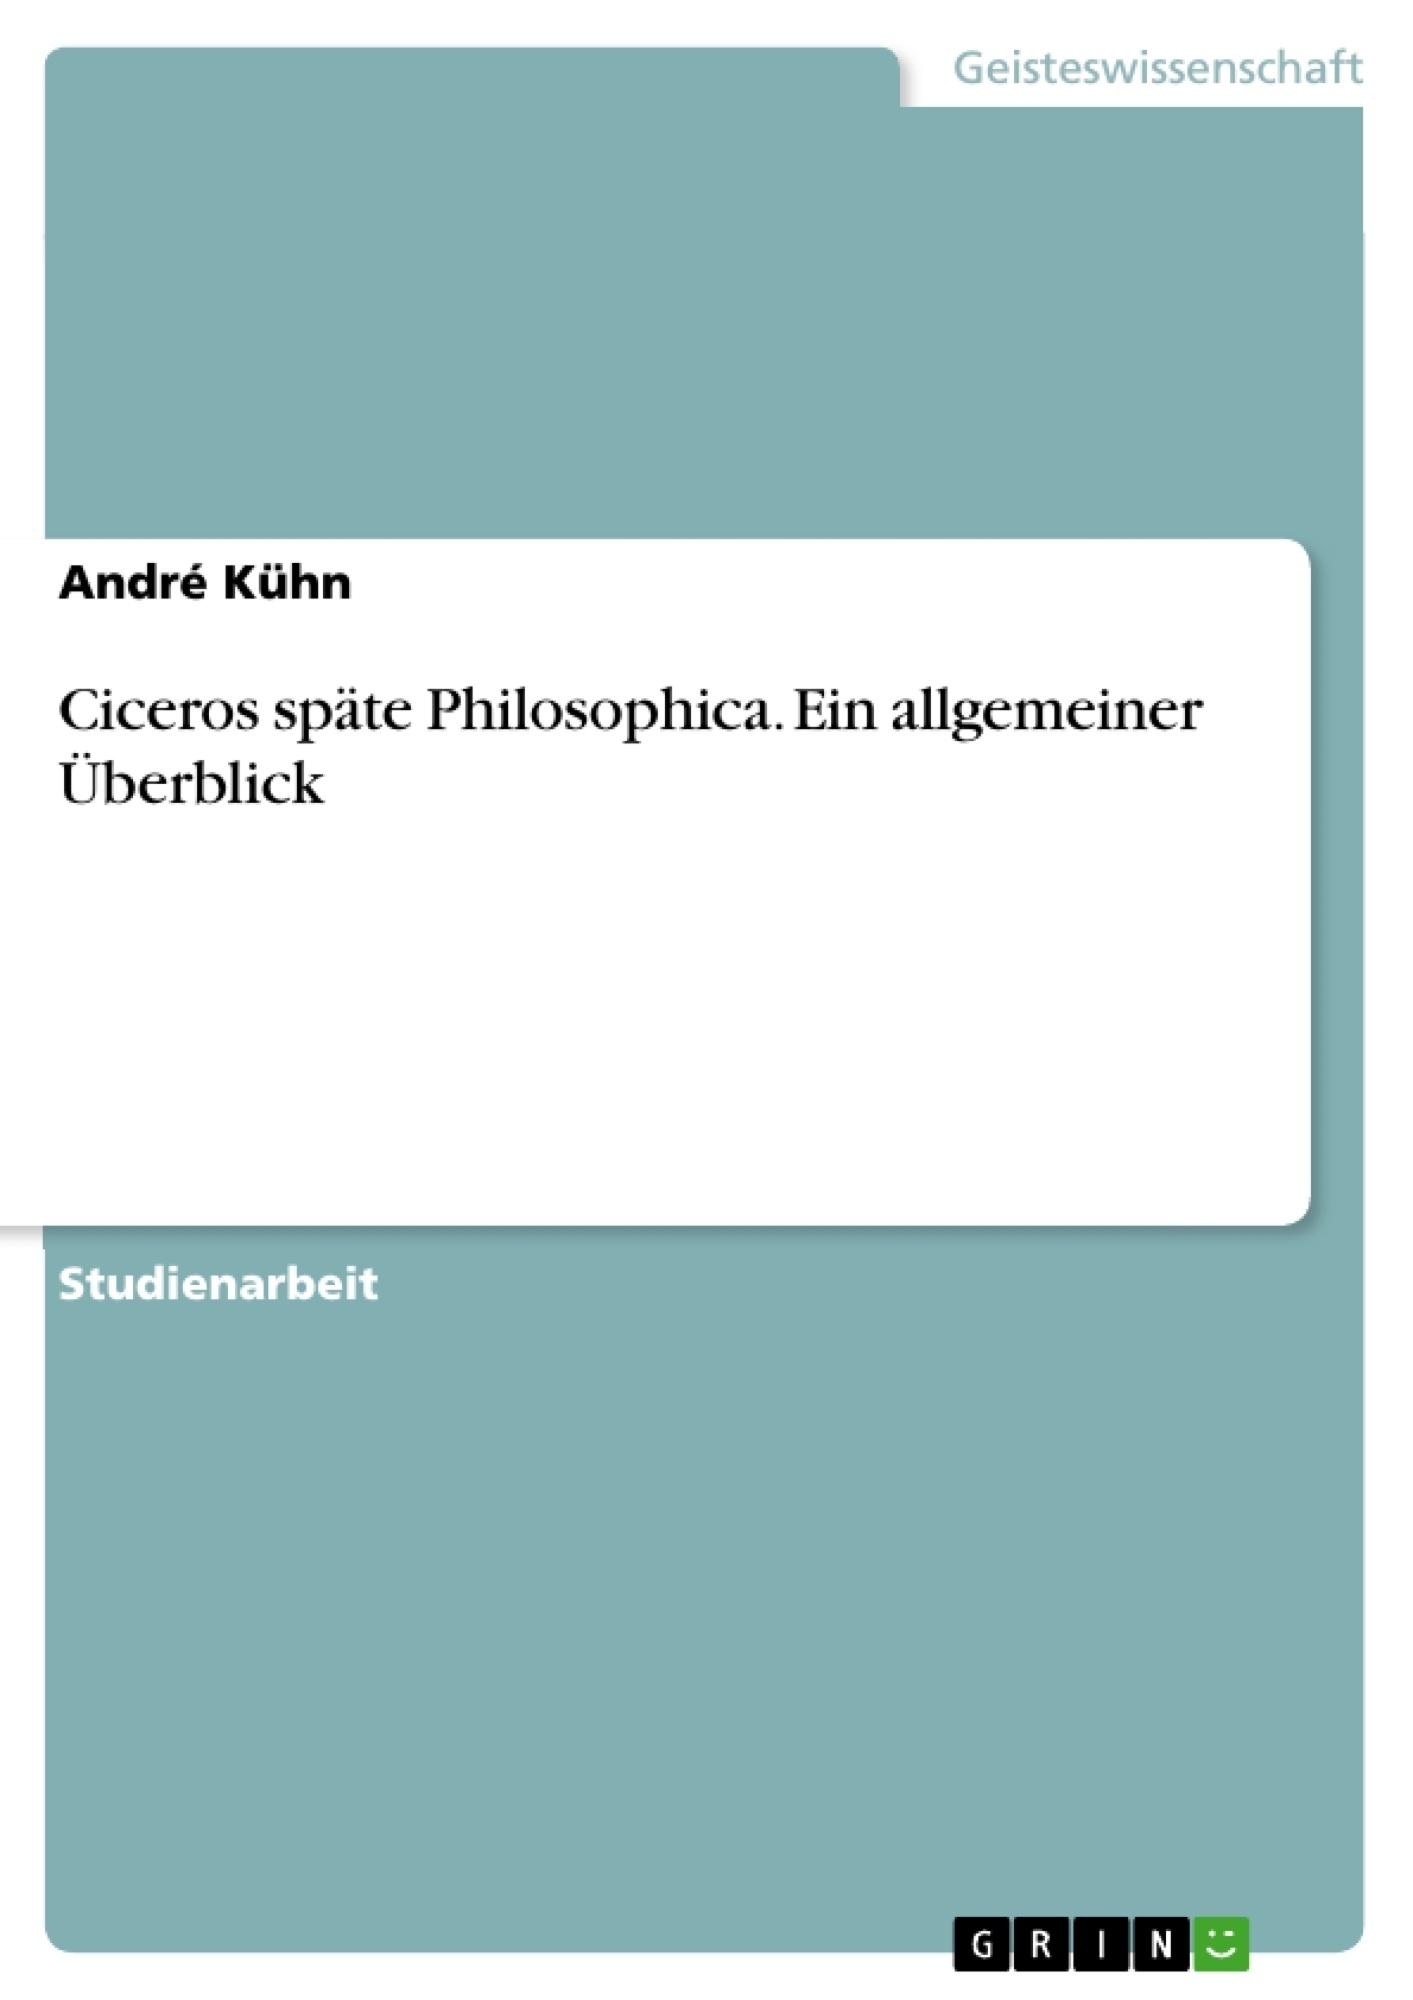 Titel: Ciceros späte Philosophica. Ein allgemeiner Überblick